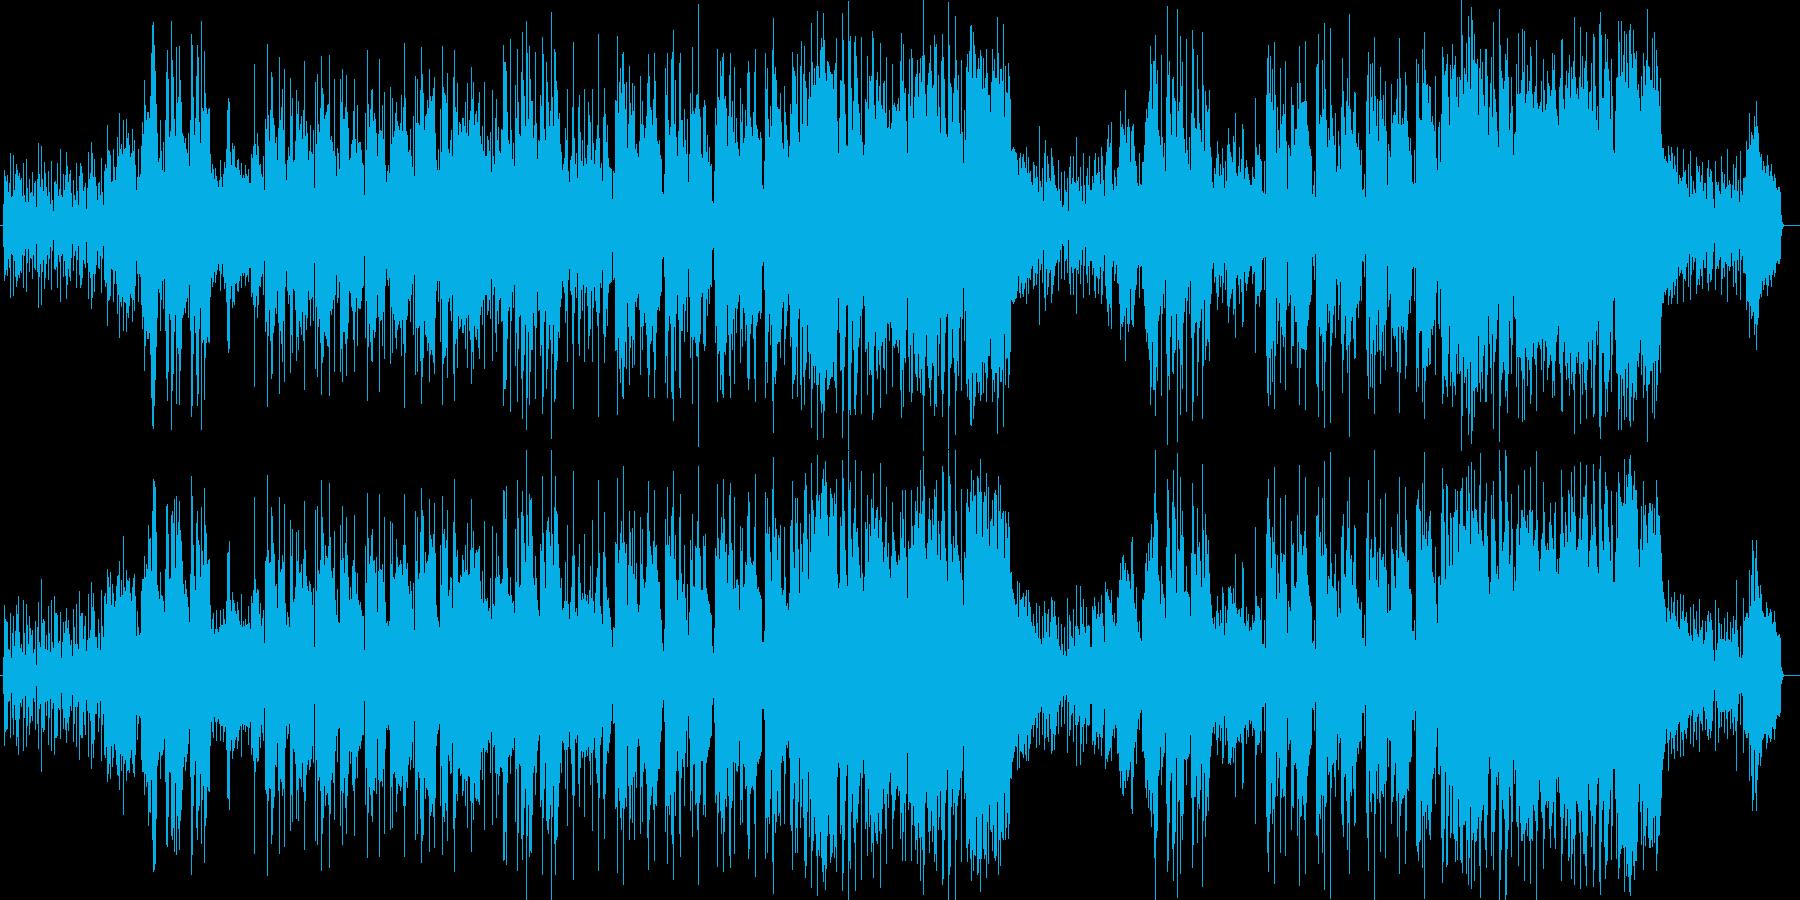 明るく落ち着き展開のある曲の再生済みの波形